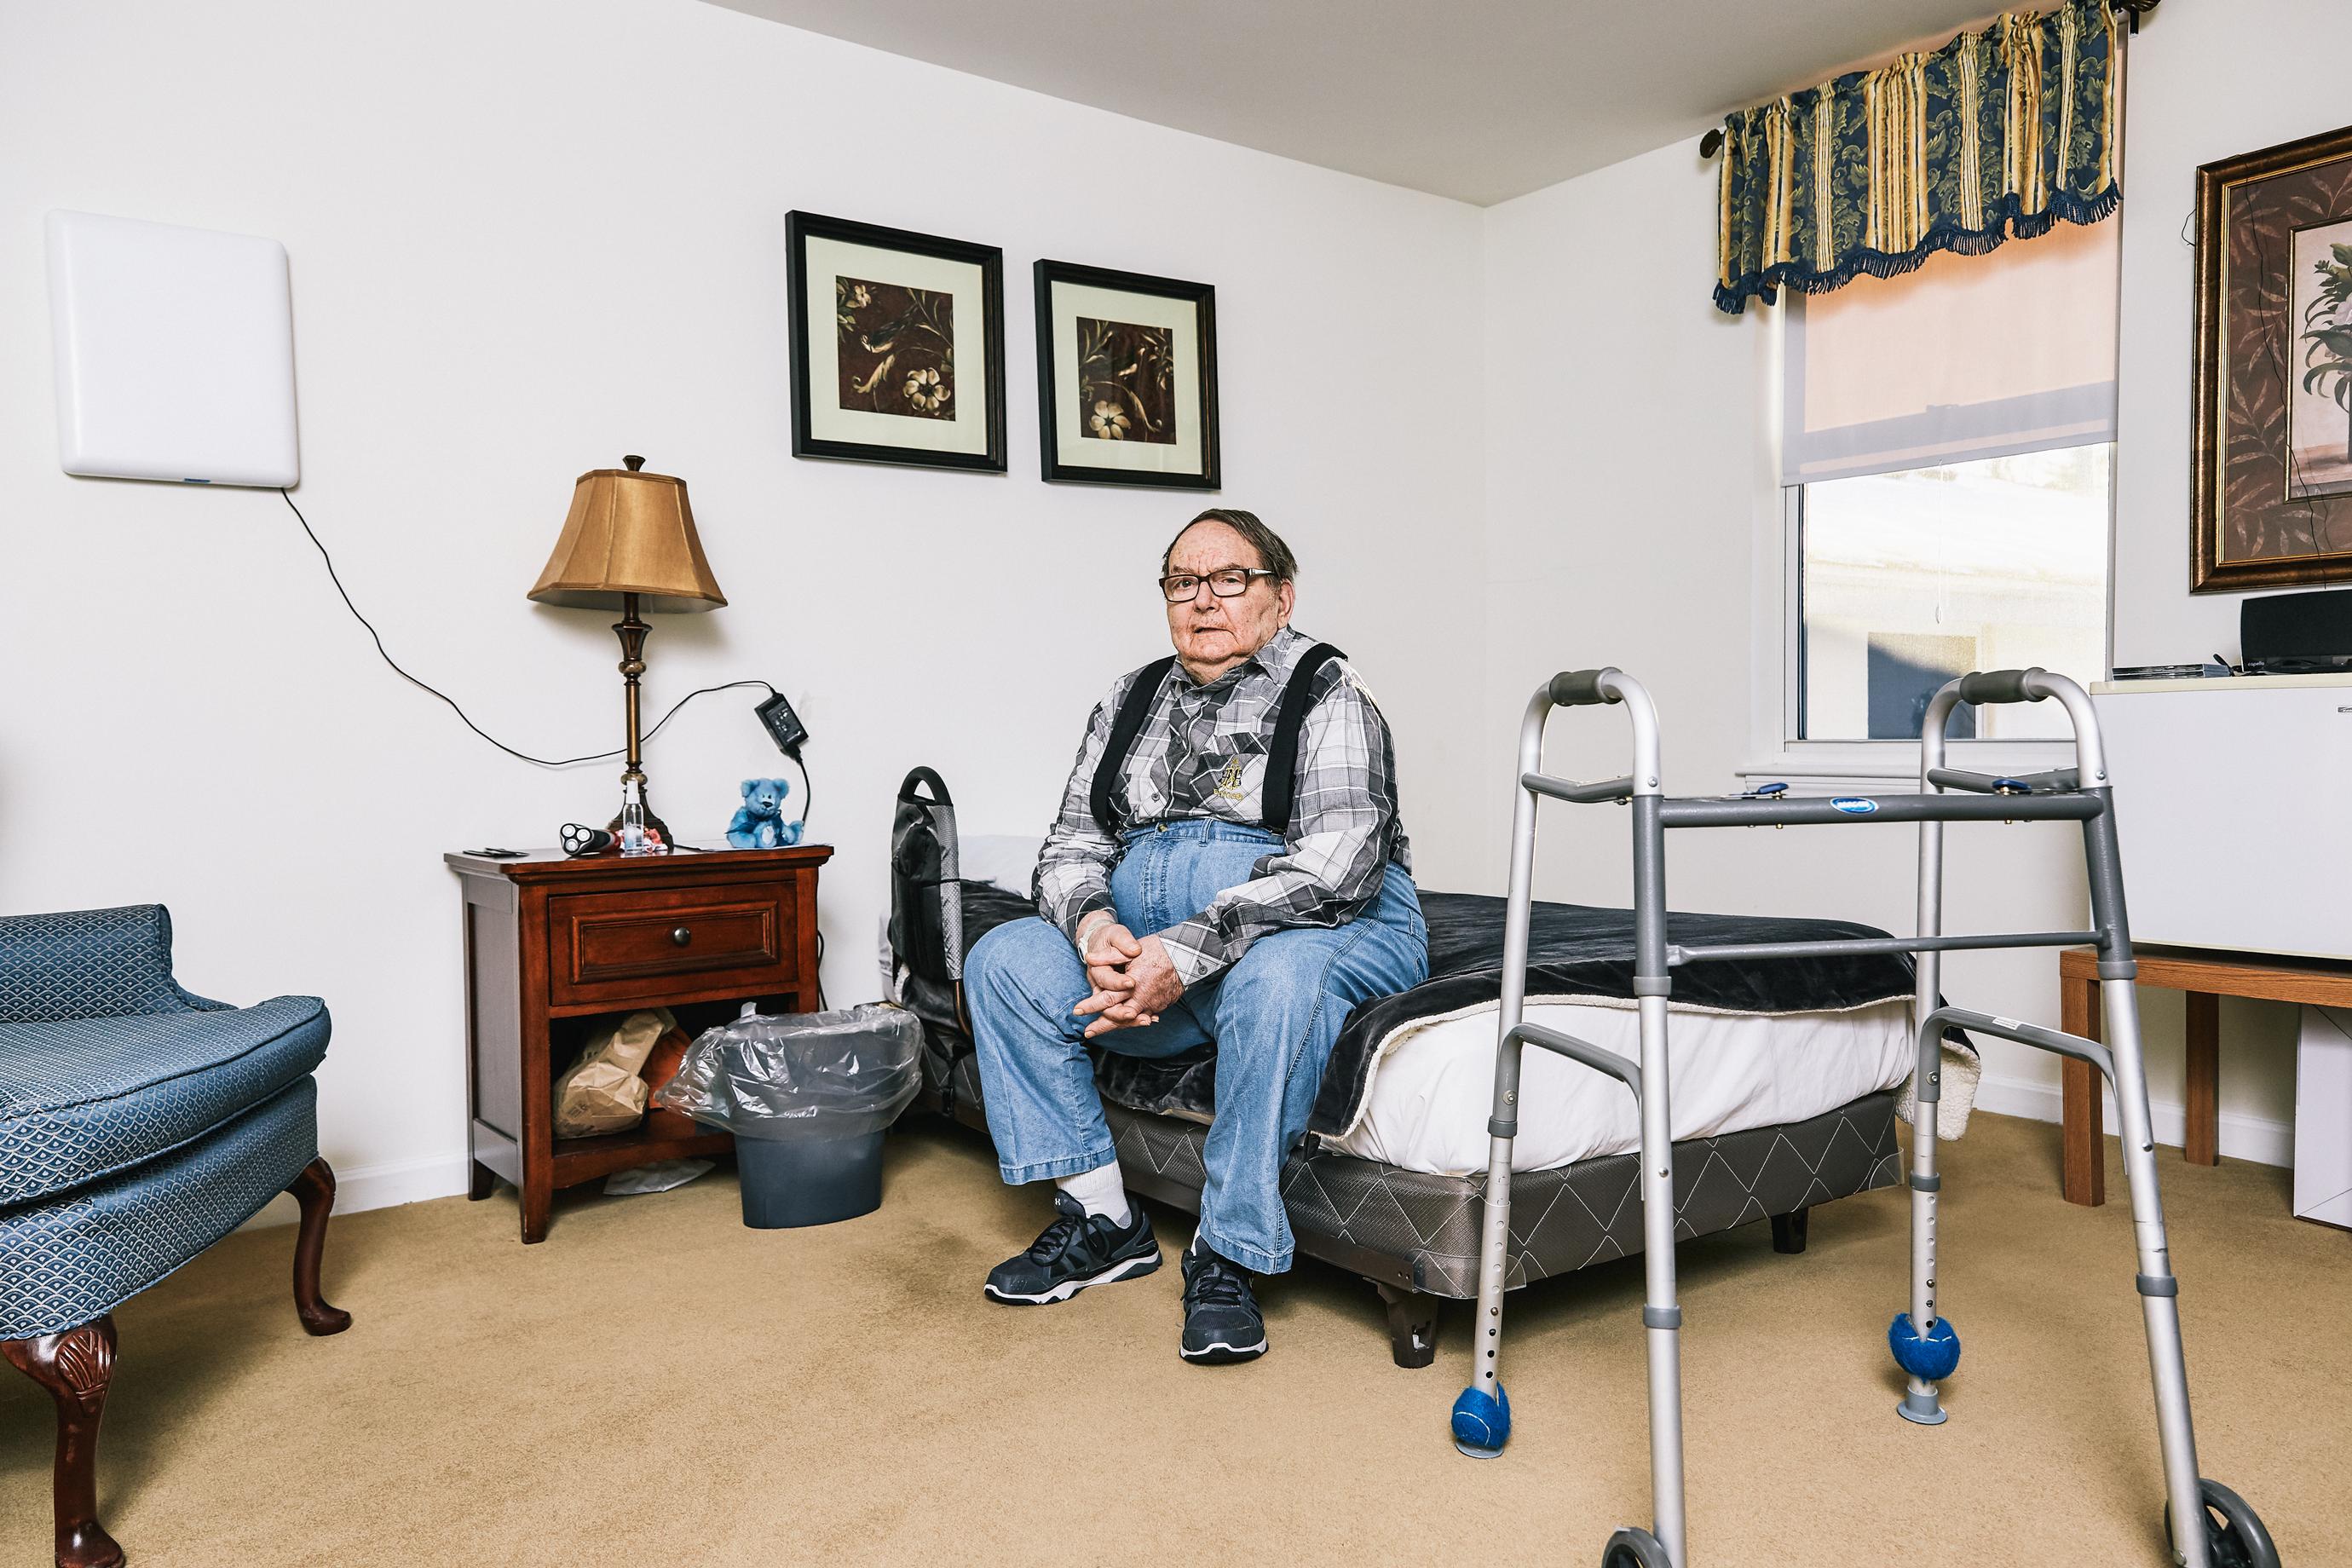 David Graham, uno de los pacientes de Vahia, tiene uno de los dispositivos con AI en su habitación en Robbie's Place, una instalación de vida asistida en Marlborough, Massachusetts.